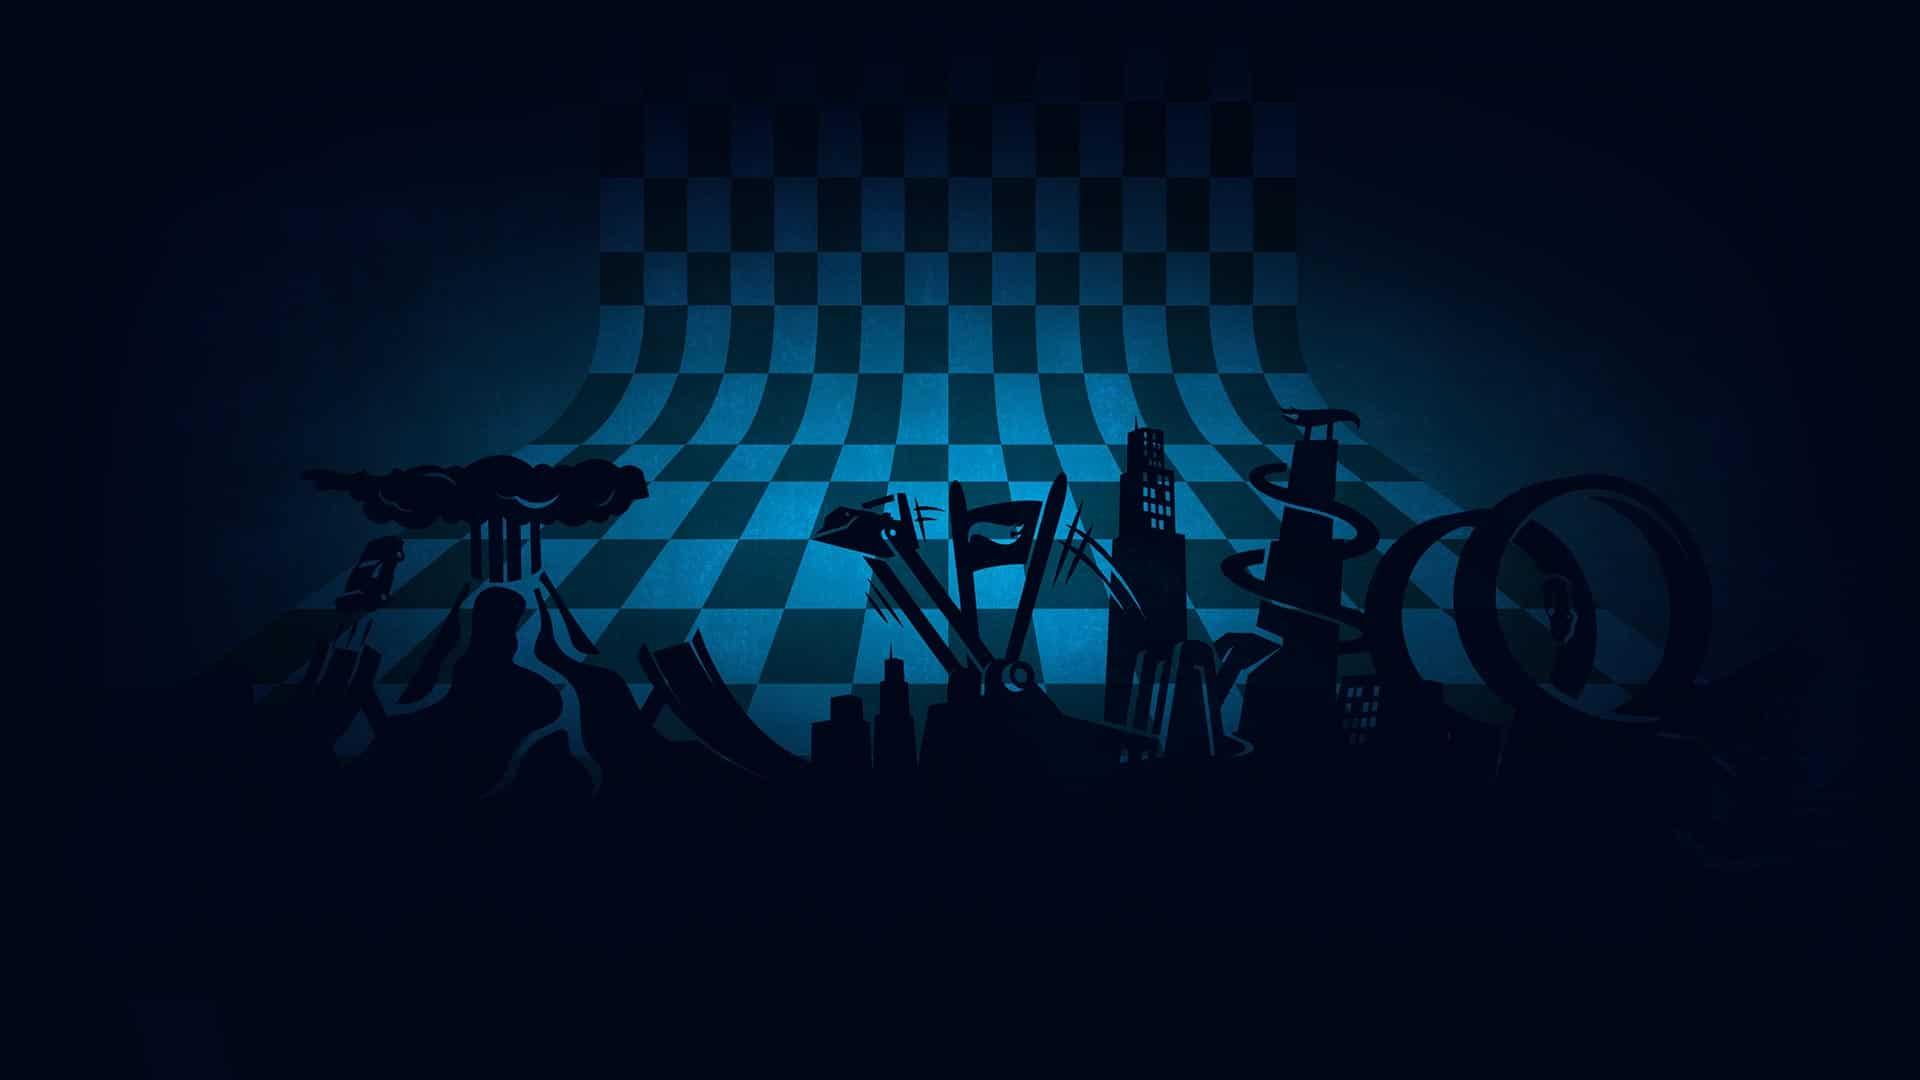 HOTWHEELS unleashed grafico milano background 01